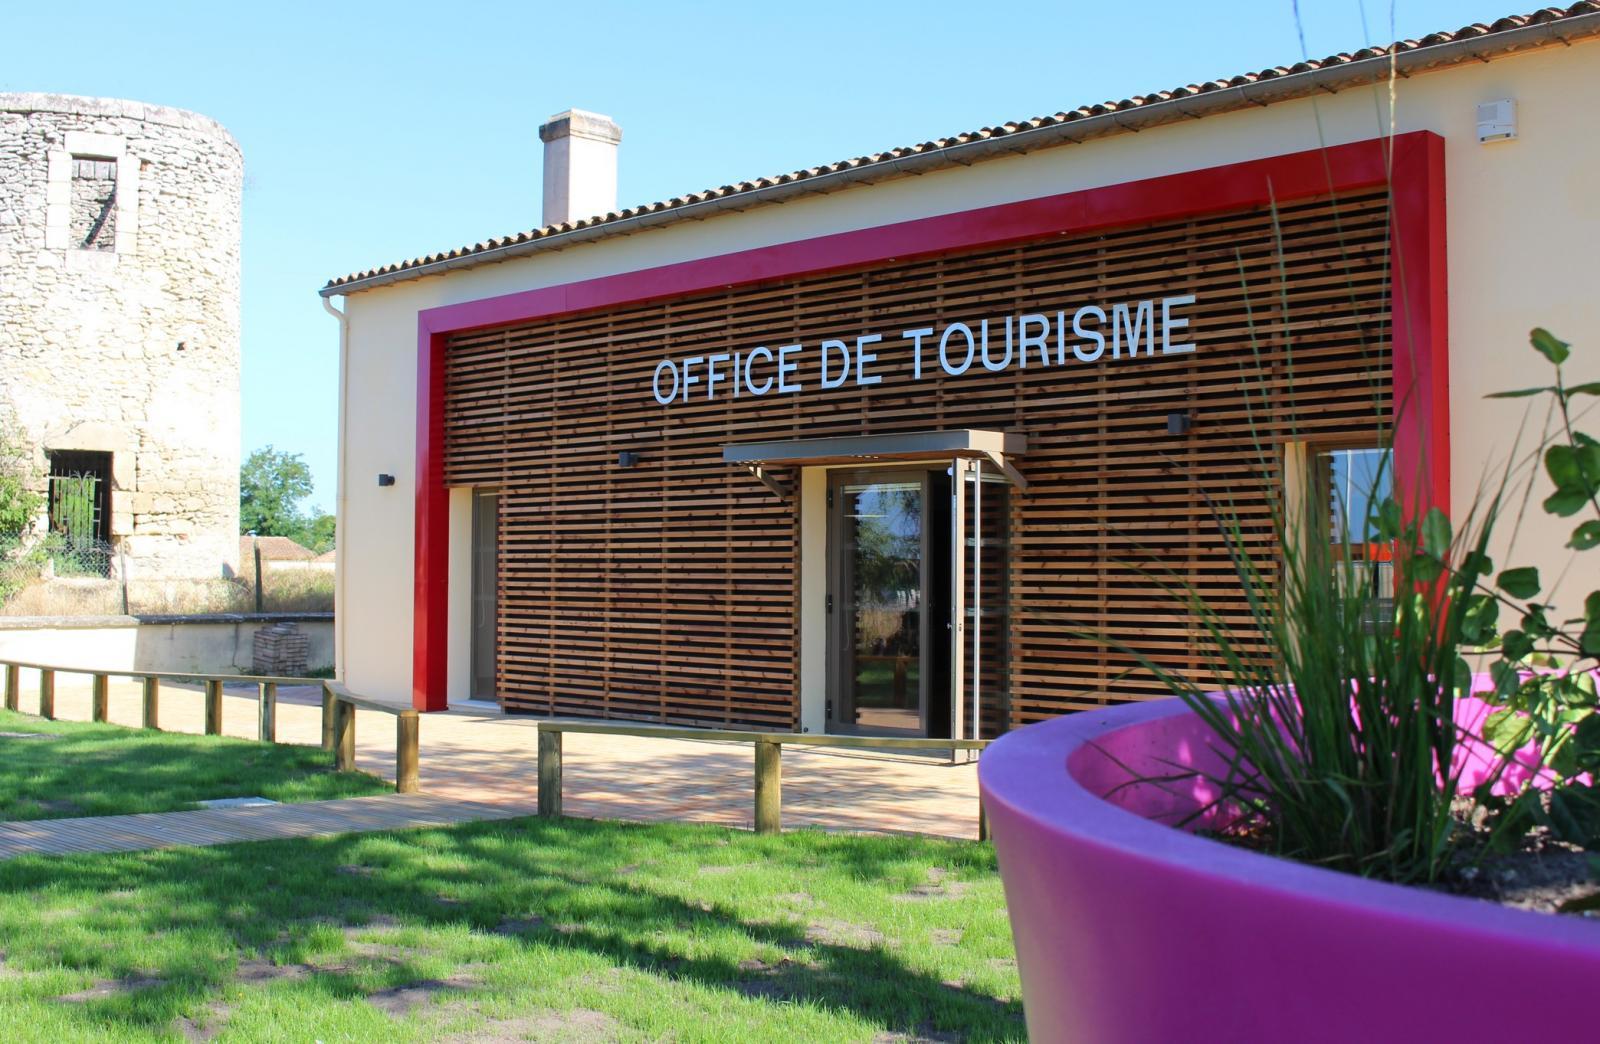 Maison du tourisme de la gironde bordeaux ventana blog - Office tourisme de bordeaux ...